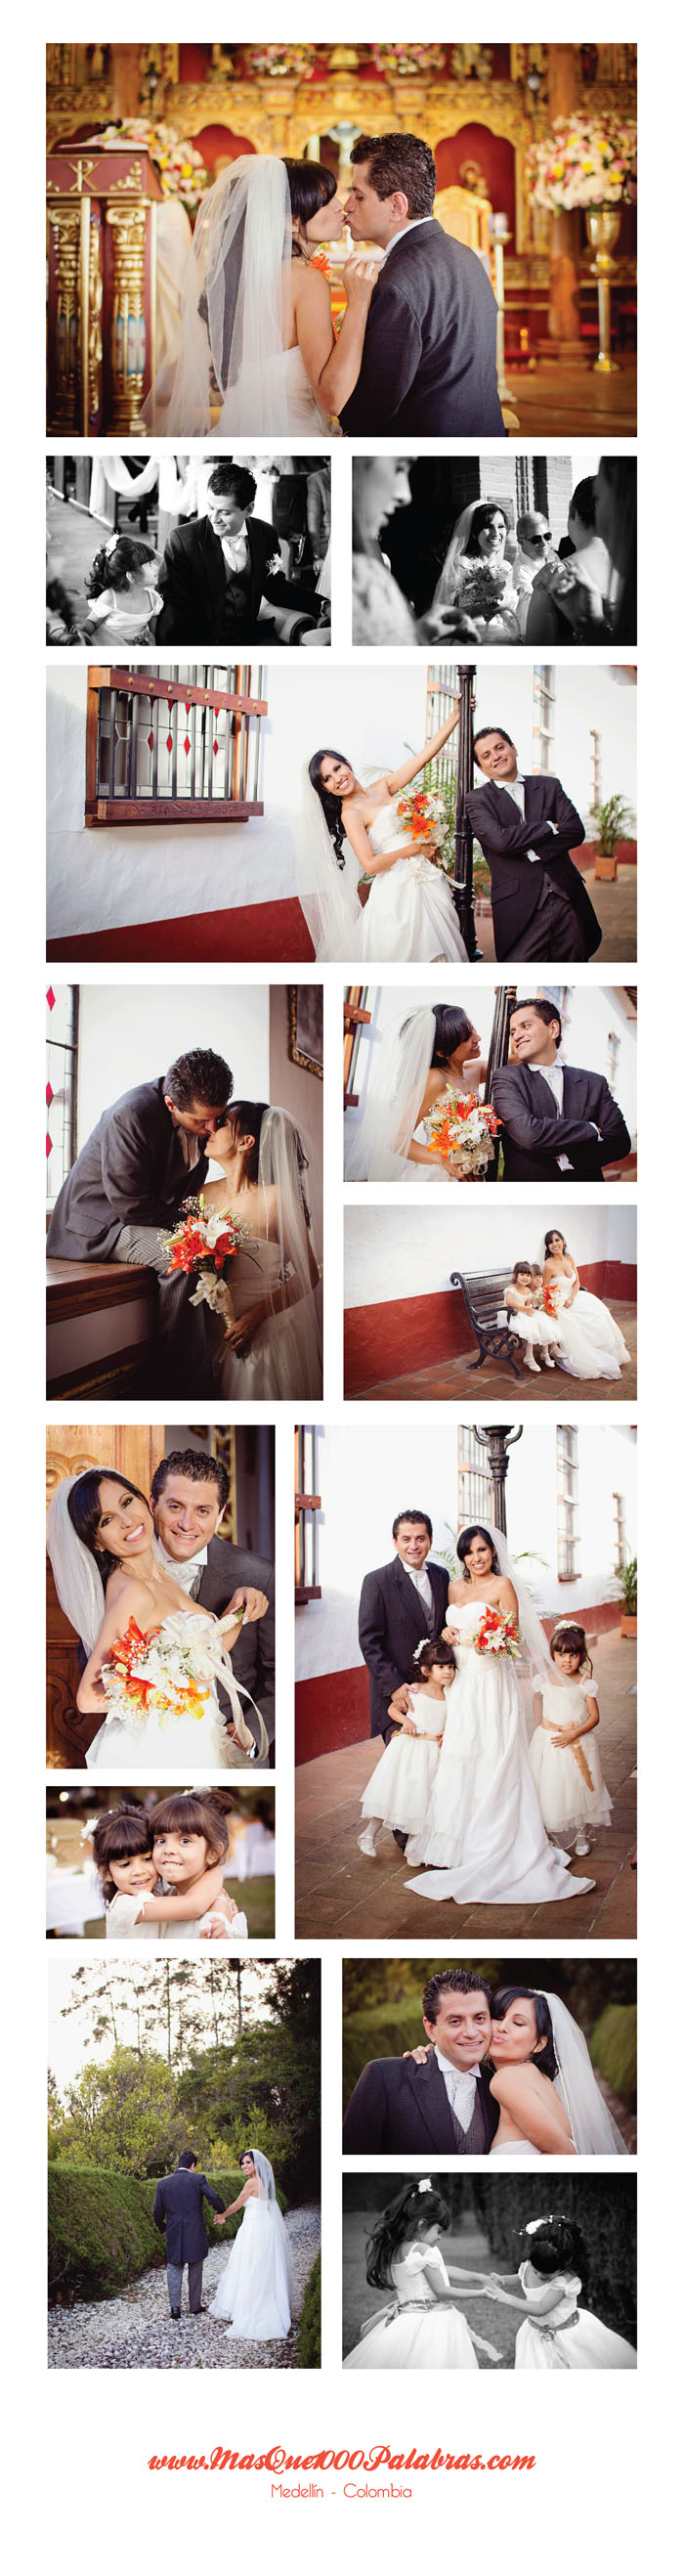 Matrimonio san antonio de pereira